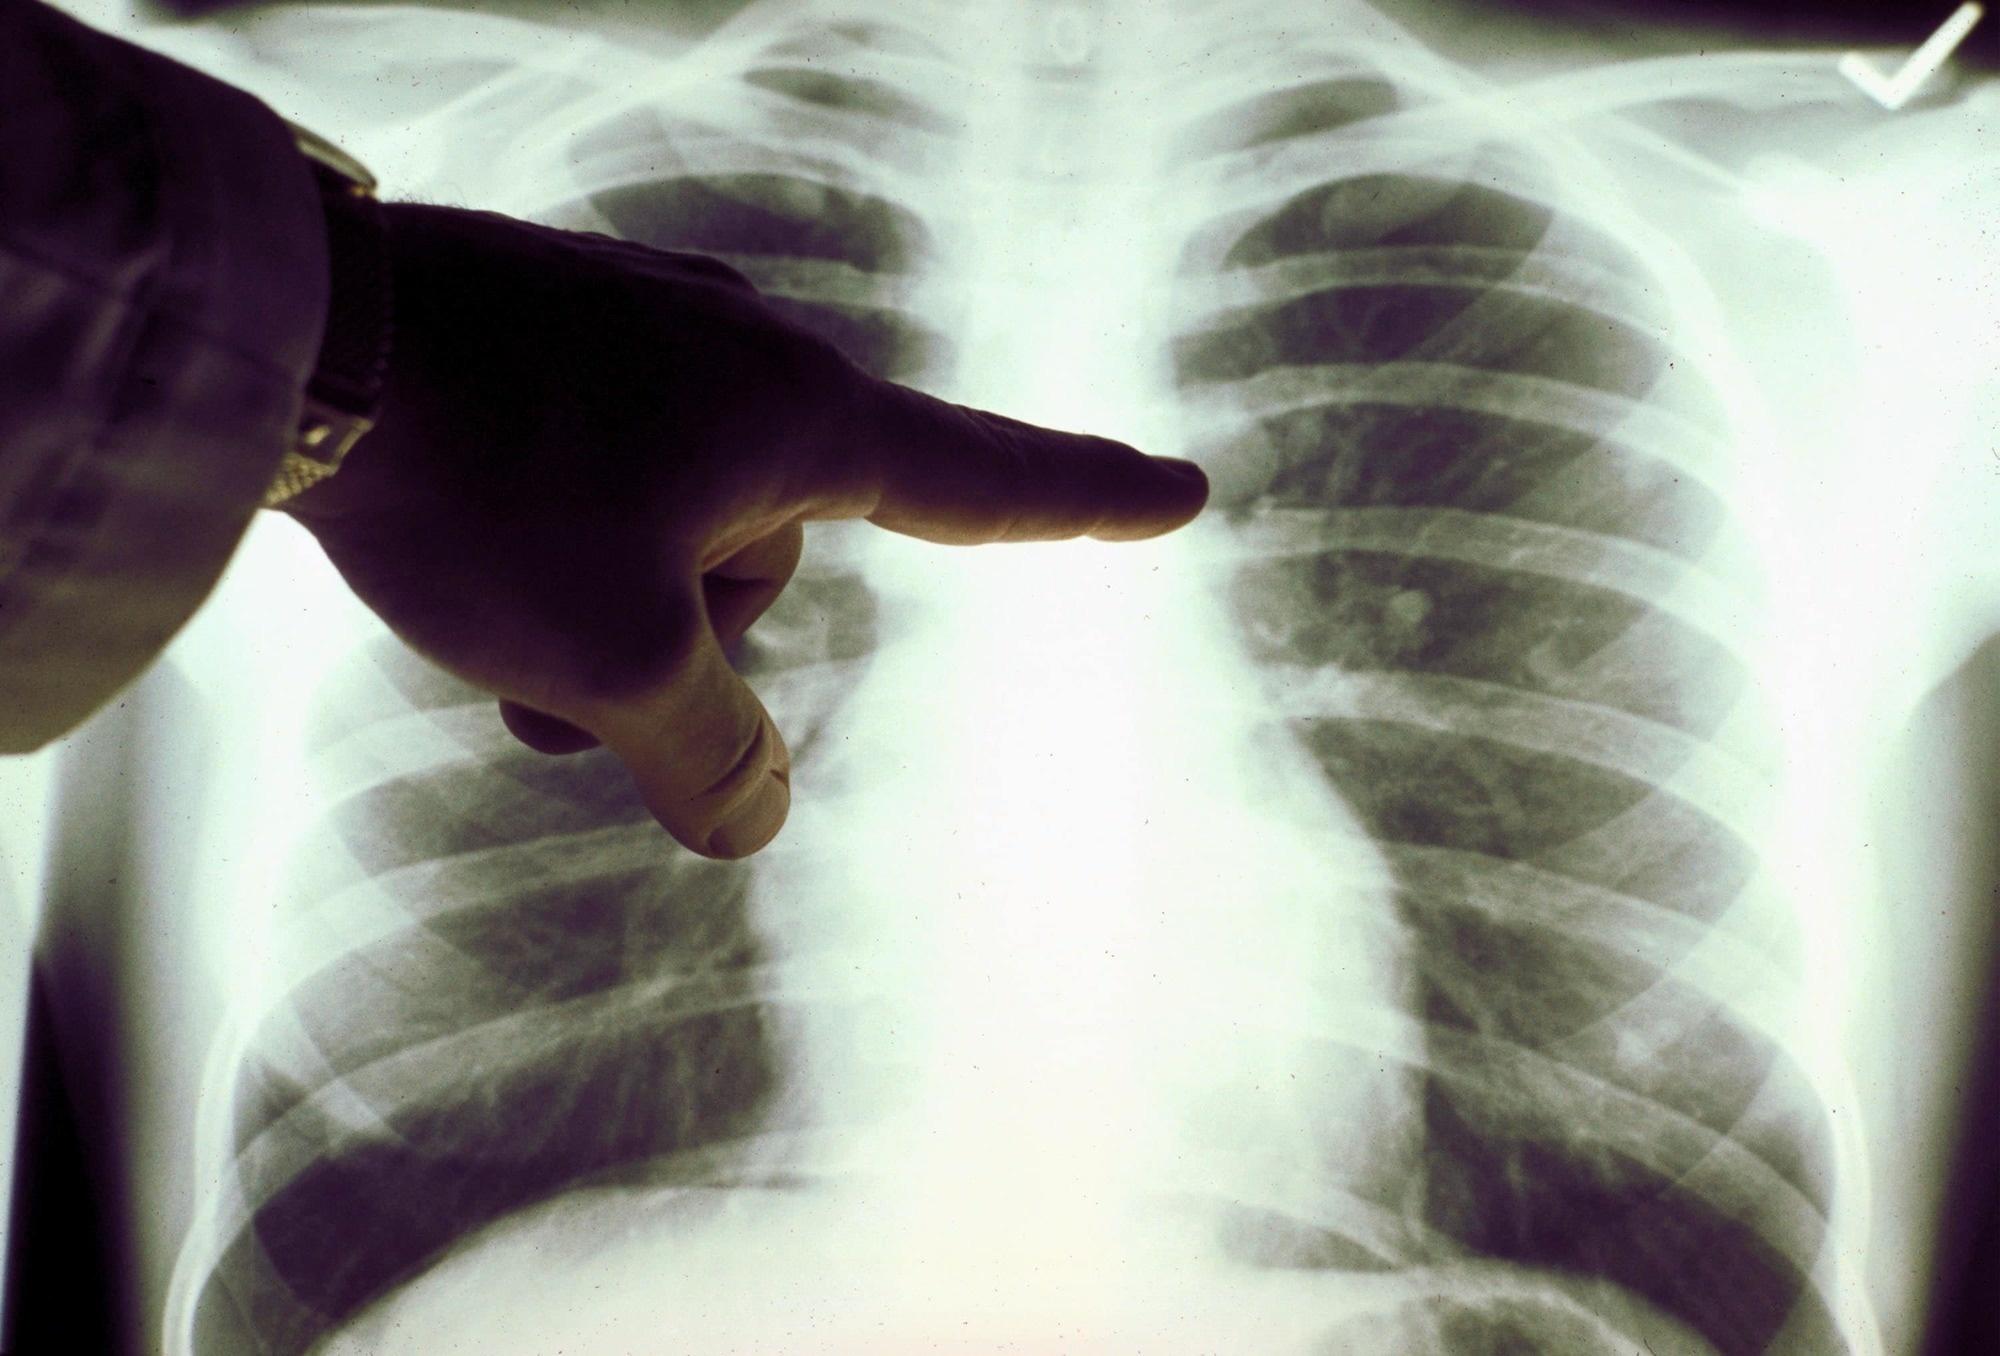 Онкологи: у больных раком больше шансов заразиться коронавирусом